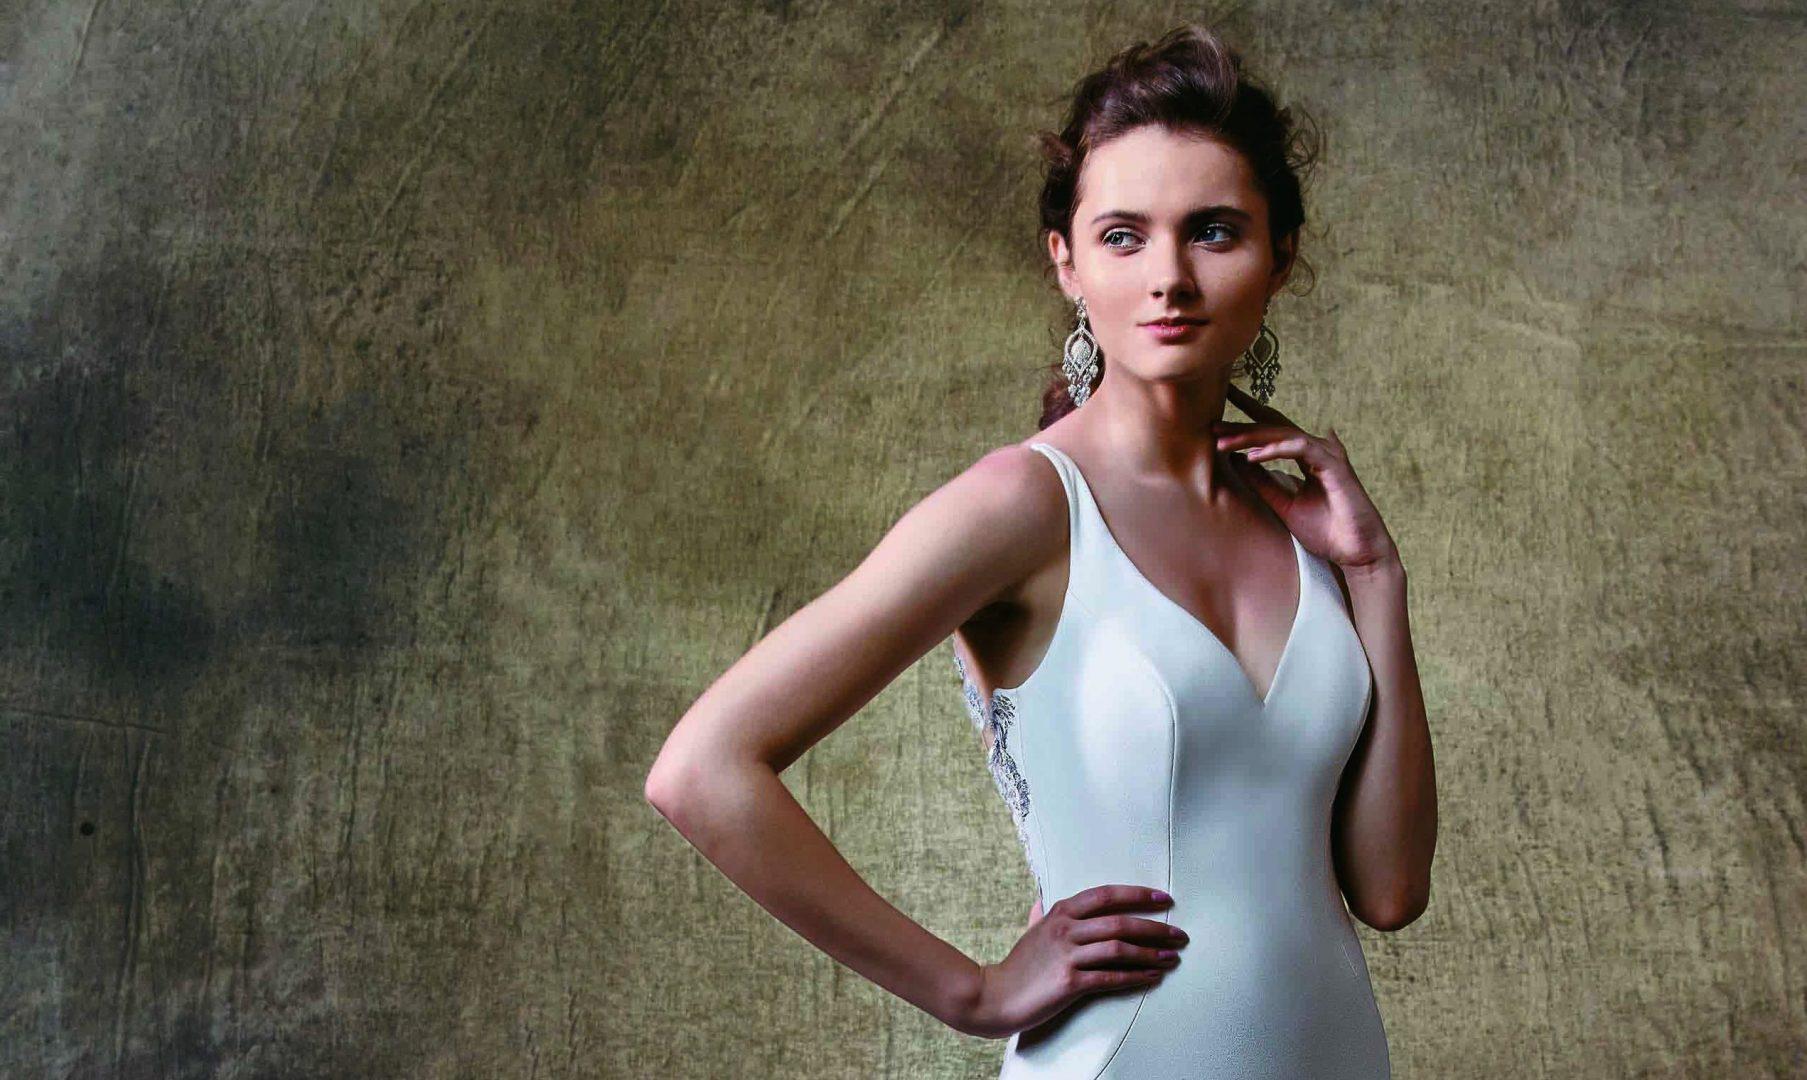 de77a355c2 Mi az esküvő elengedhetetlen kelléke? A menyasszonyi ruha!